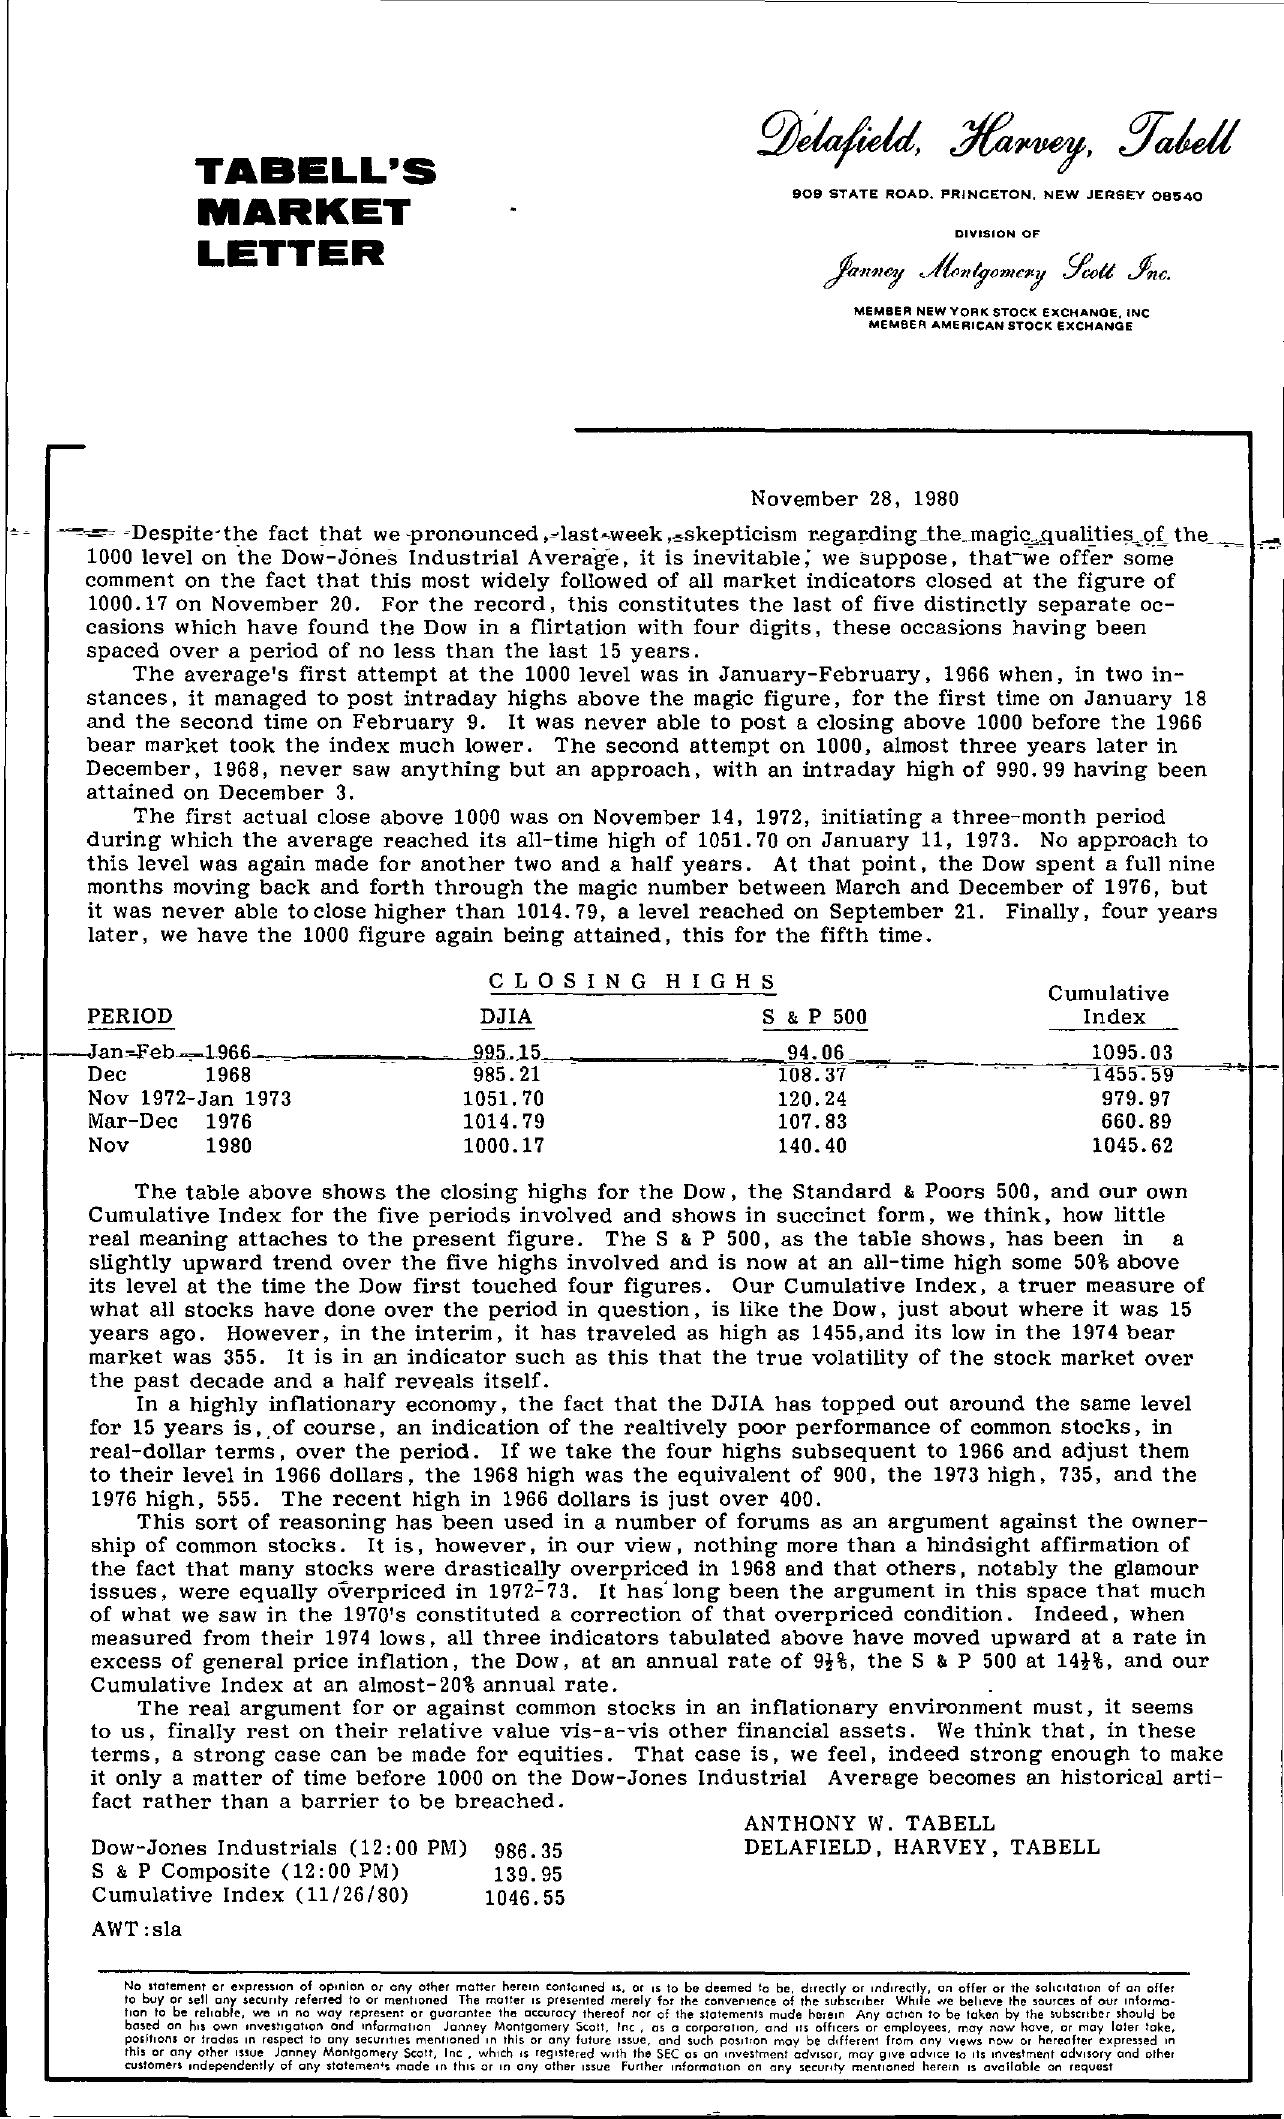 Tabell's Market Letter - November 28, 1980